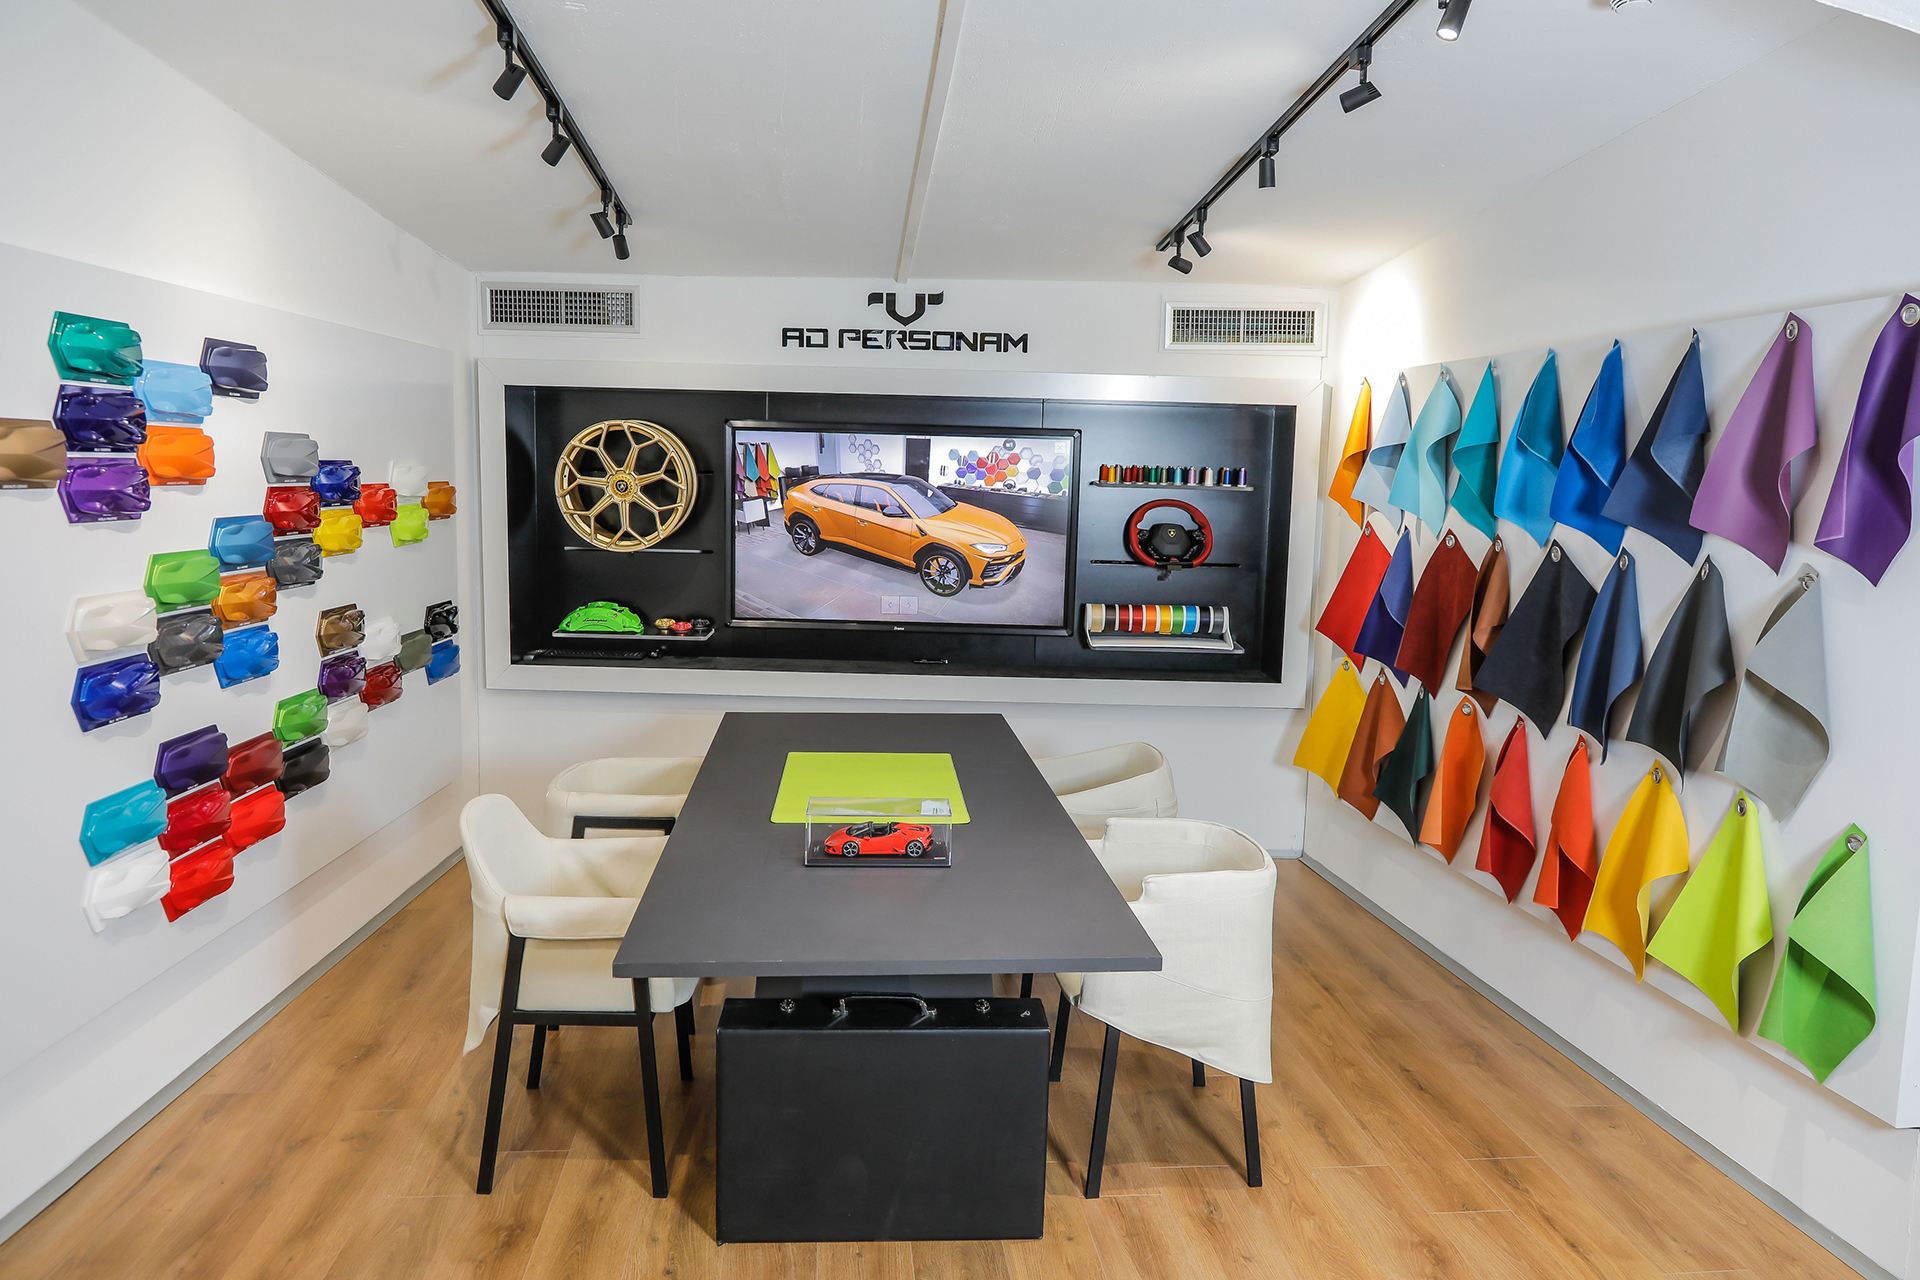 Lamborghini tiene otros Lounge más grandes en Tokio o Nueva York